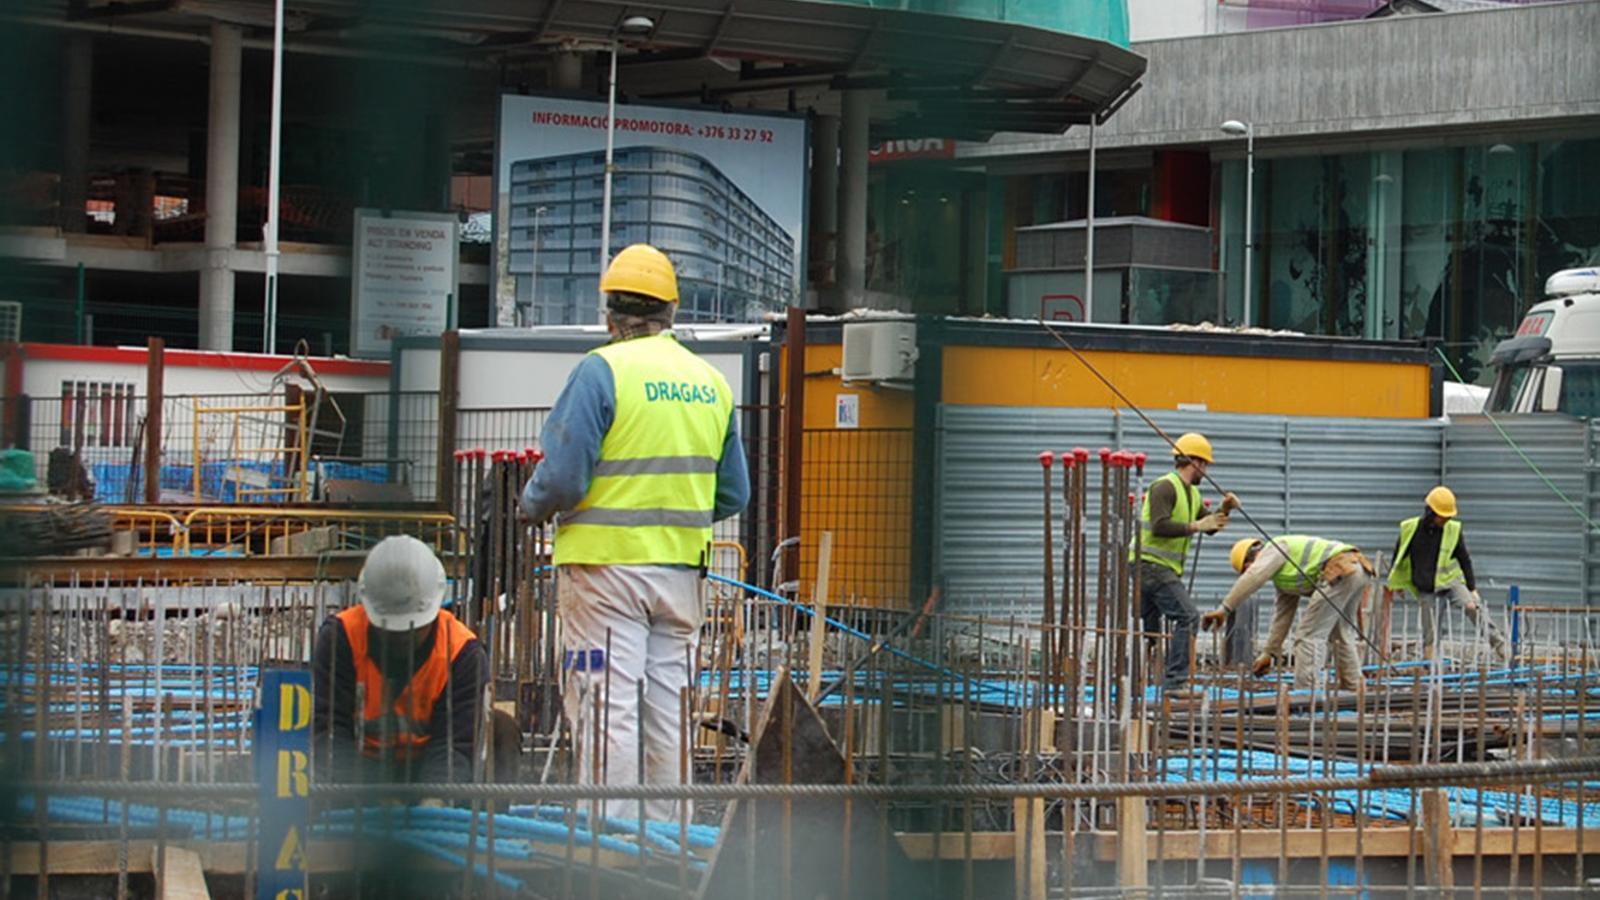 La construcció és un dels sectors amb evolucions positives. / ARXIU ANA